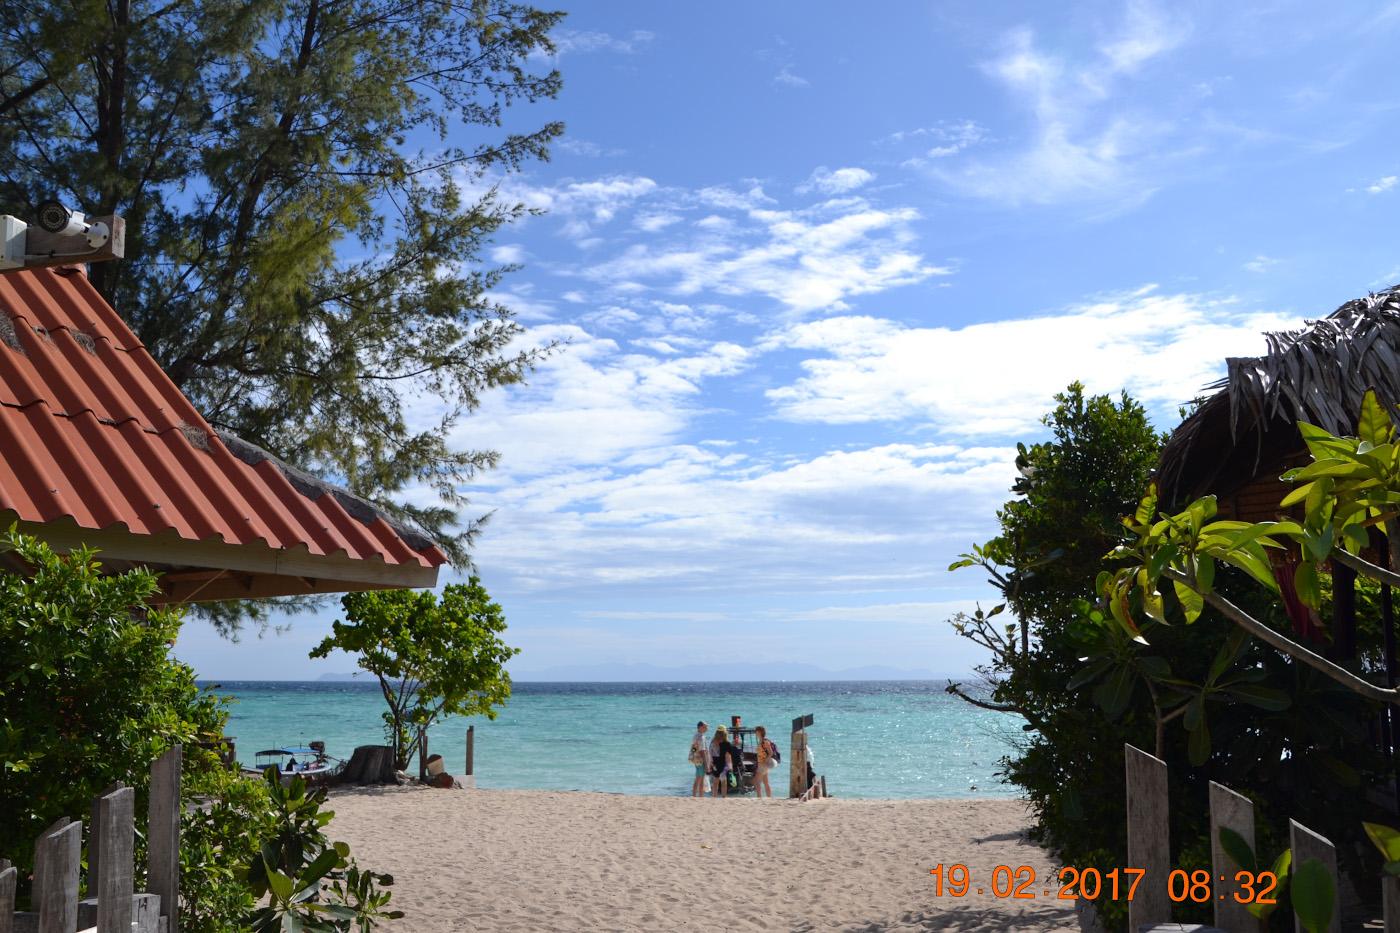 Фото 1. Вид на пляж Санрайз на острове Ко Липе. Советы туристам, собирающимся на пляжный отдых в Таиланде. Камера Nikon D3100 с объективом Tamron 18-270mm f/3.5-6.3. Настройки: выдержка 1/500, f/11, ISO 100, ФР=55 мм.